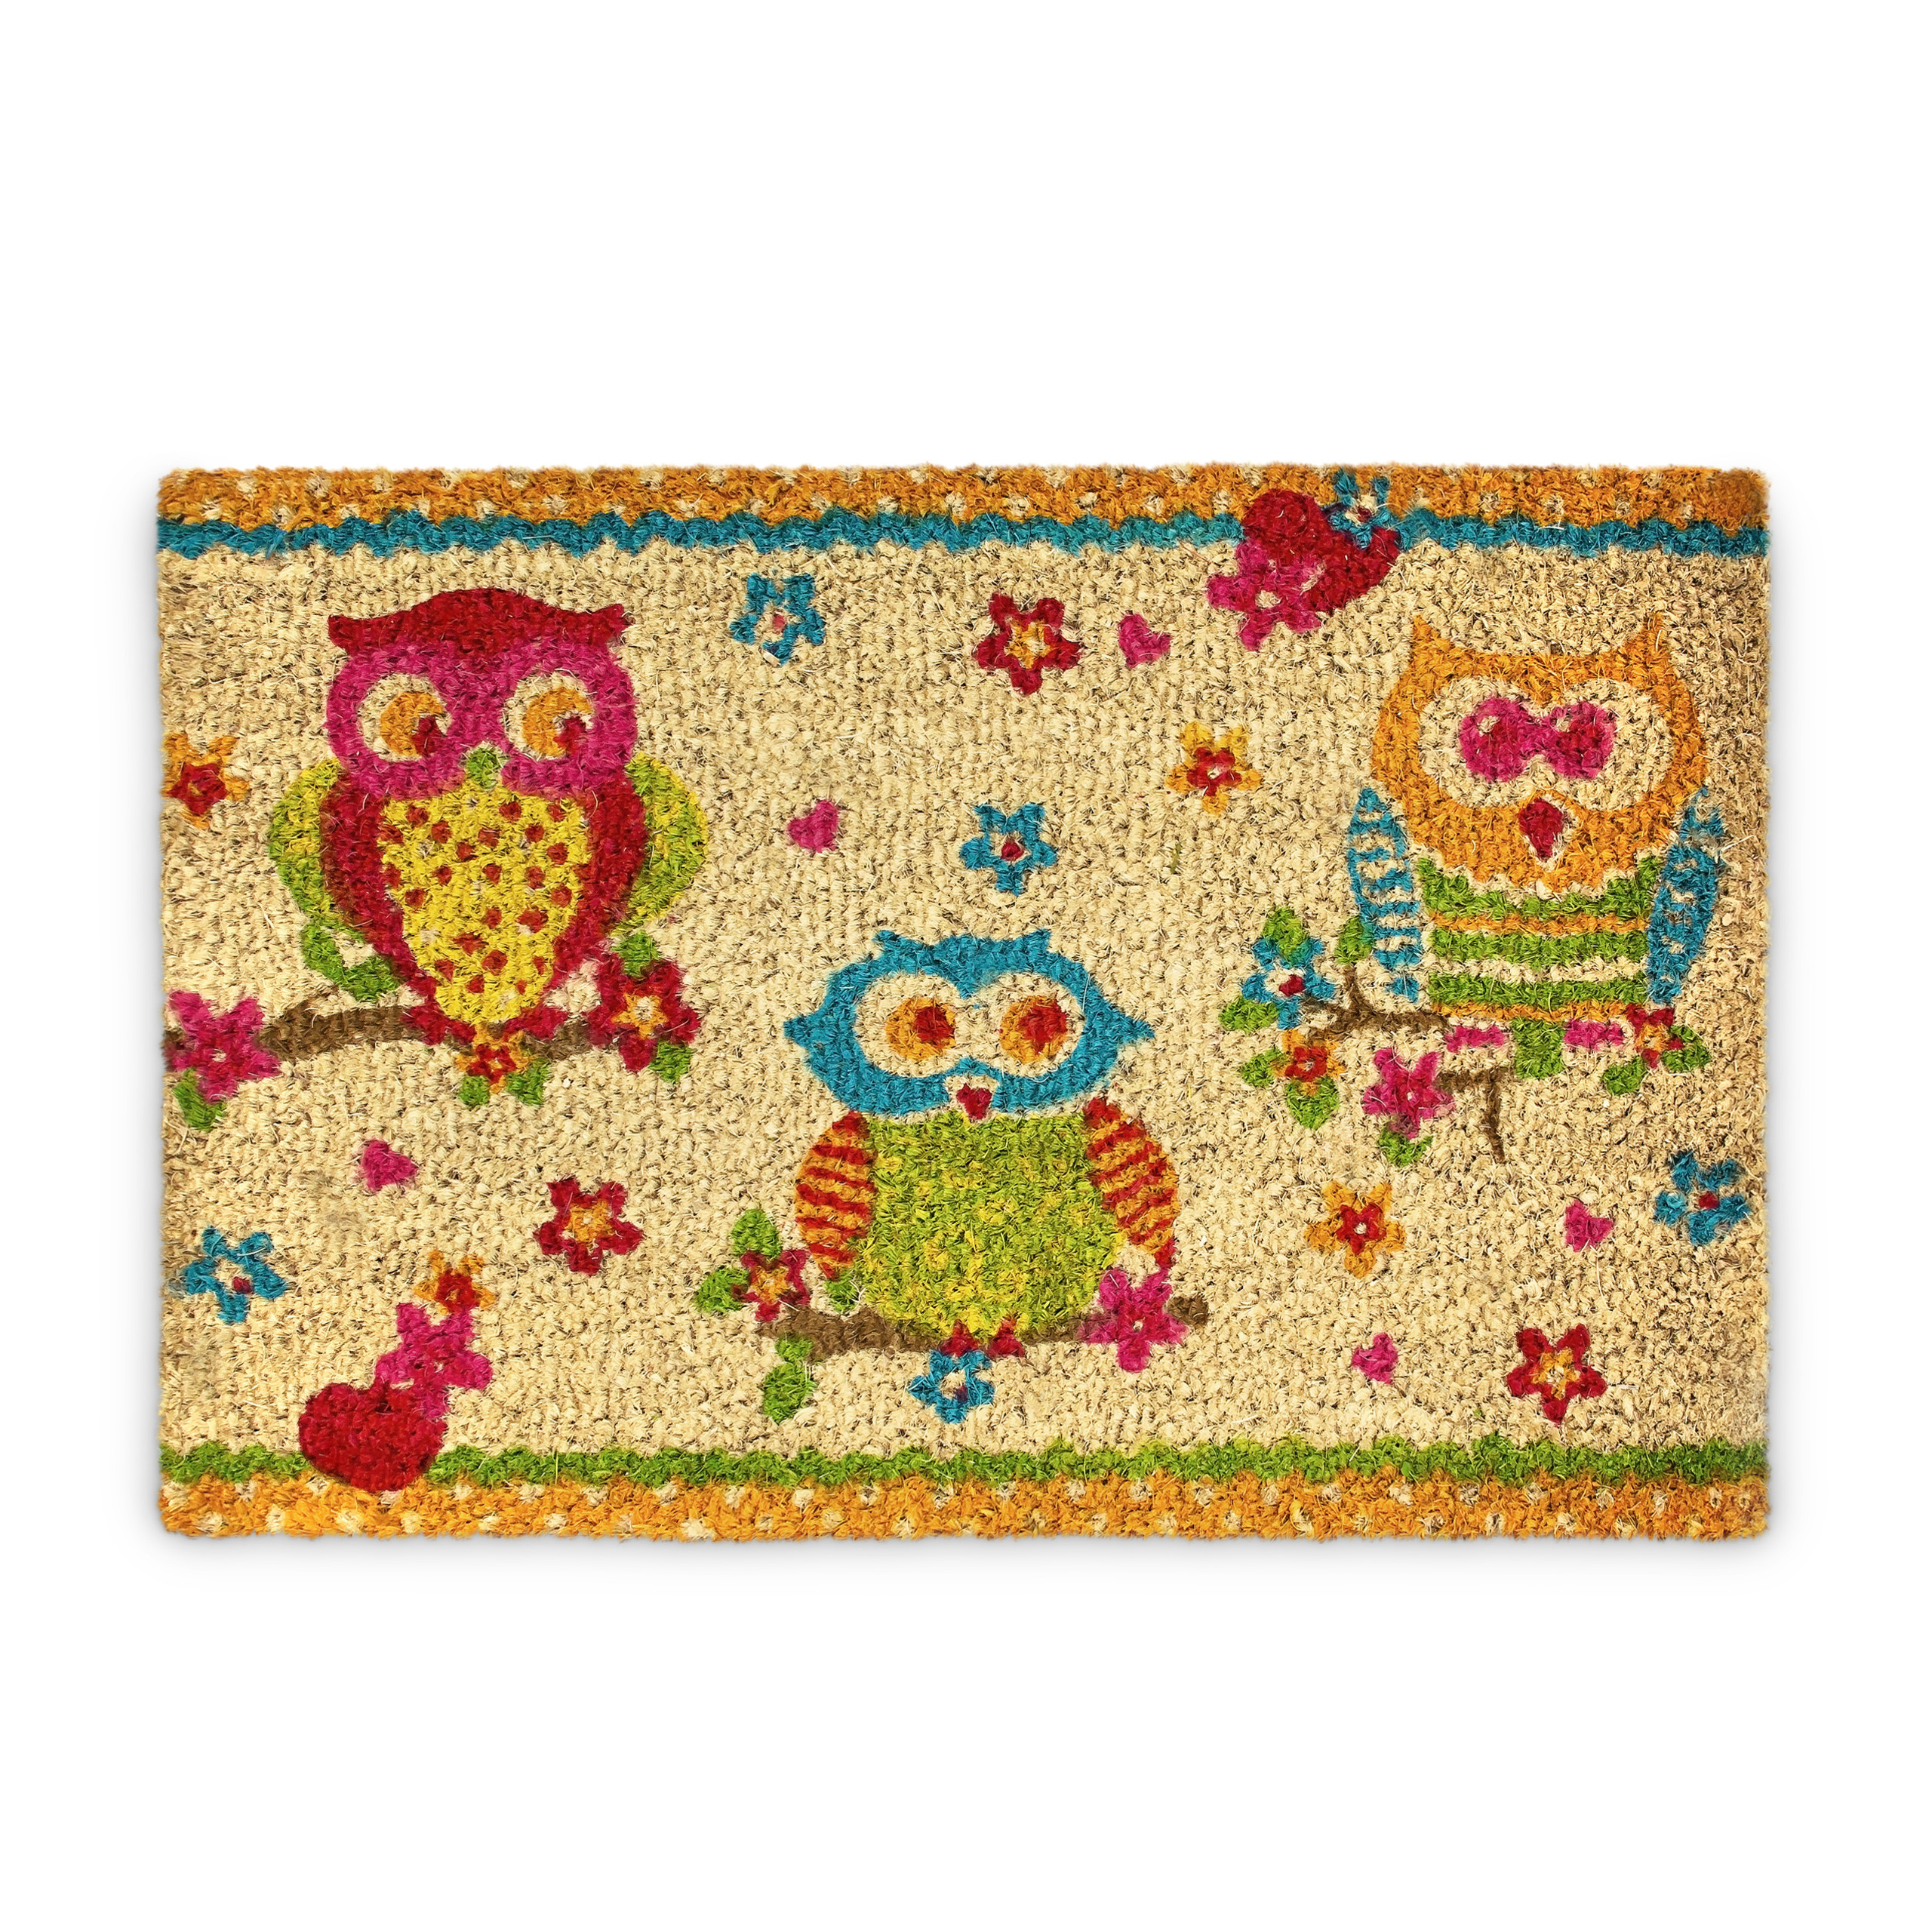 Felpudo-fibras-de-coco-alfombra-alfombrilla-para-la-entrada-hogar-pasillo-casa